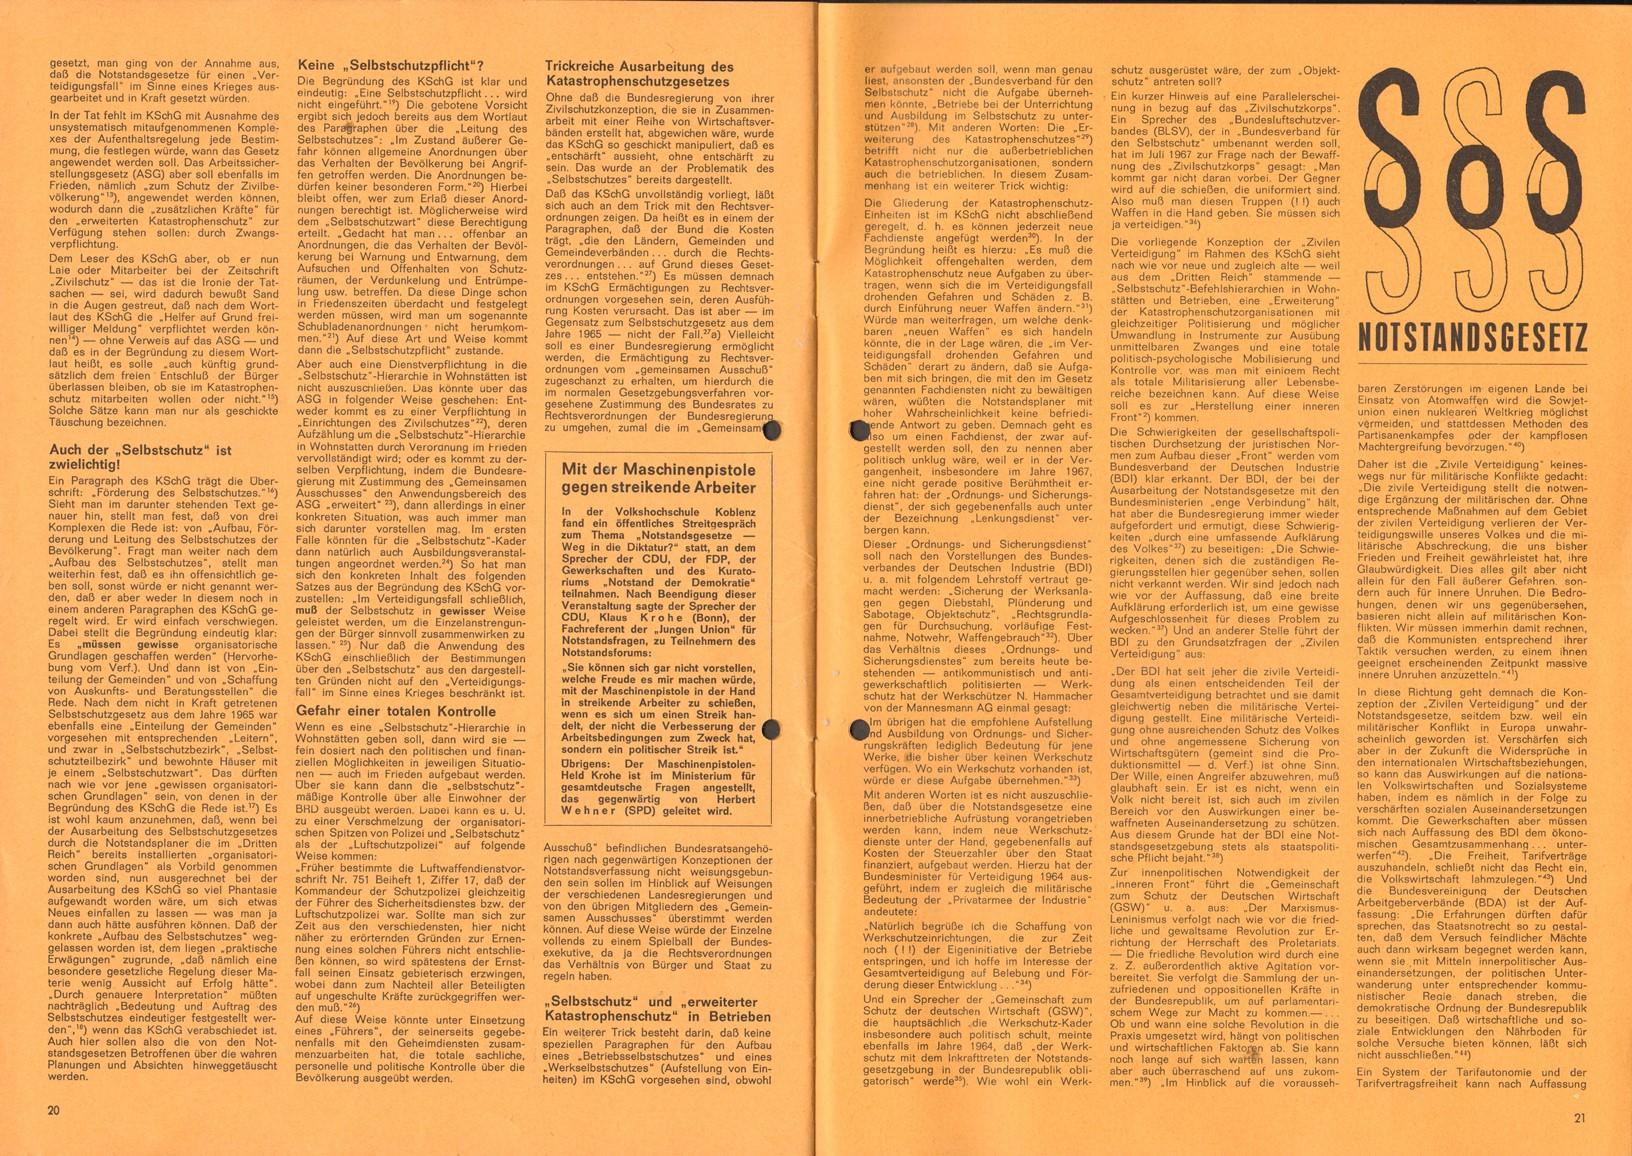 Informationen_zur_Abruestung_1968_057_058_011